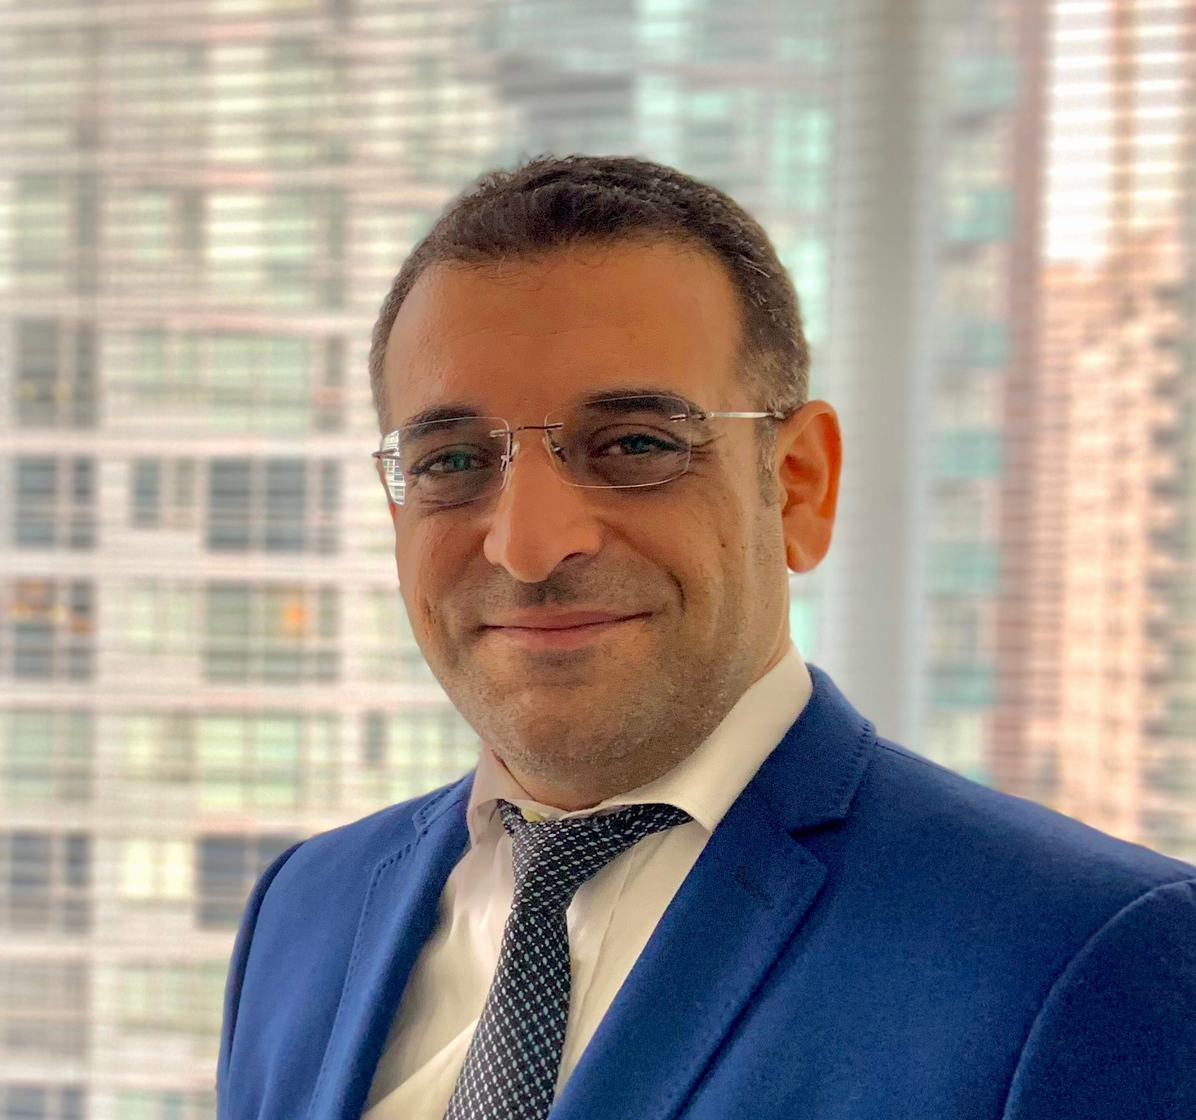 Dr. Hamed Taherdoost